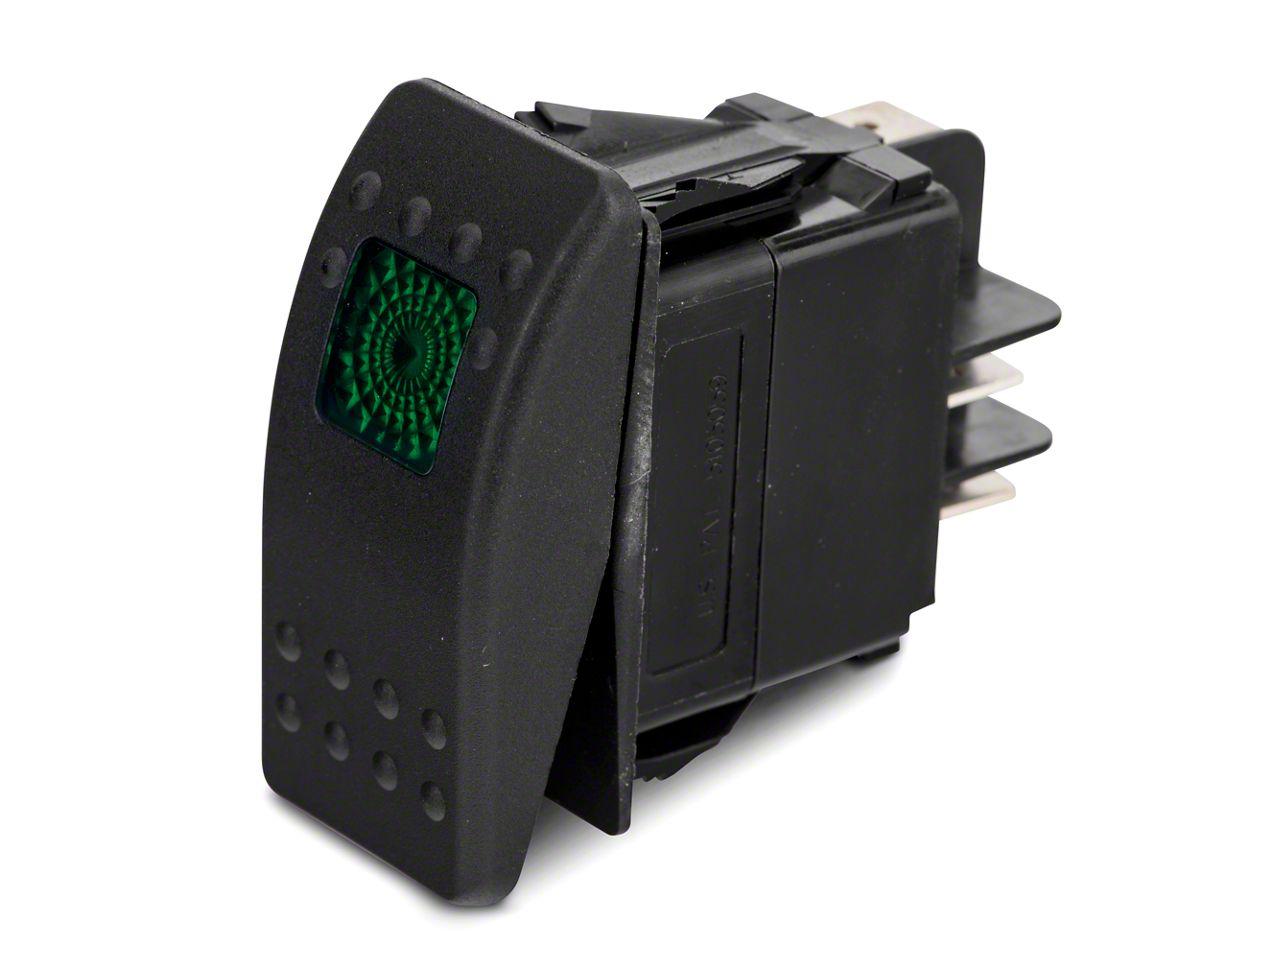 Add Daystar Rocker Switch - Green Light (87-17 Wrangler YJ, TJ, & JK)